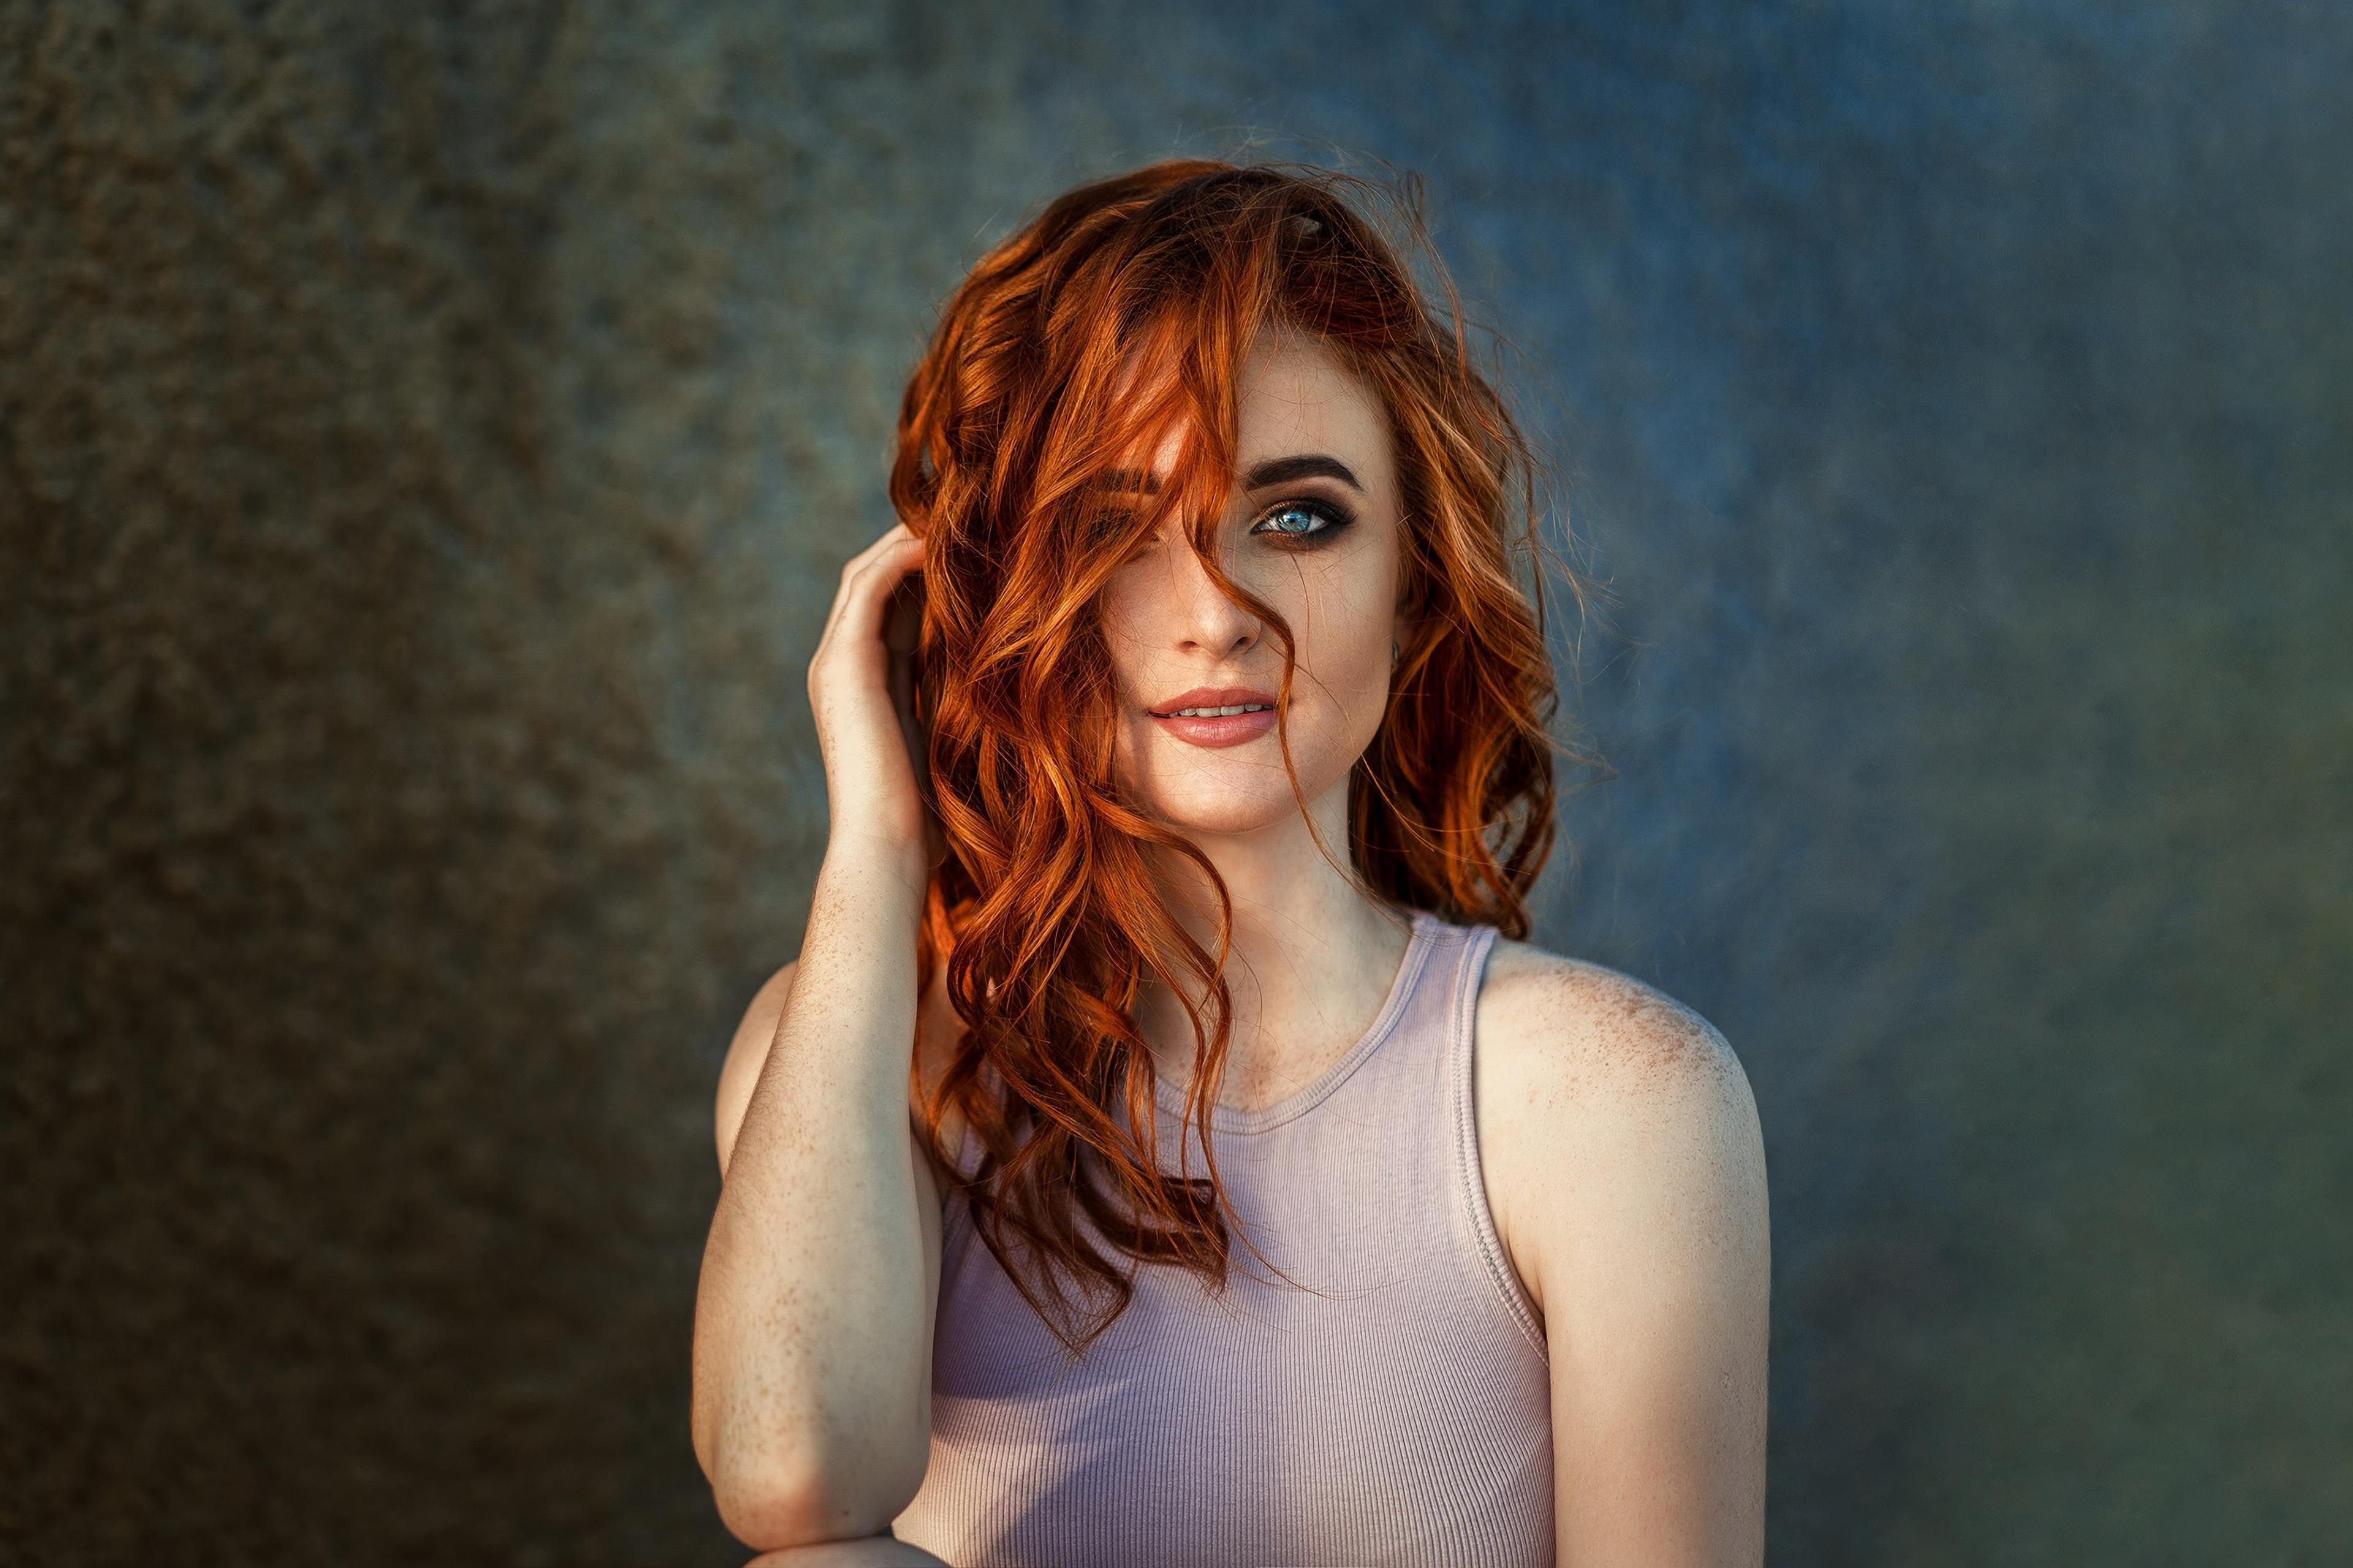 Blue Eyes Freckles Girl Model Redhead Woman 3840x2559